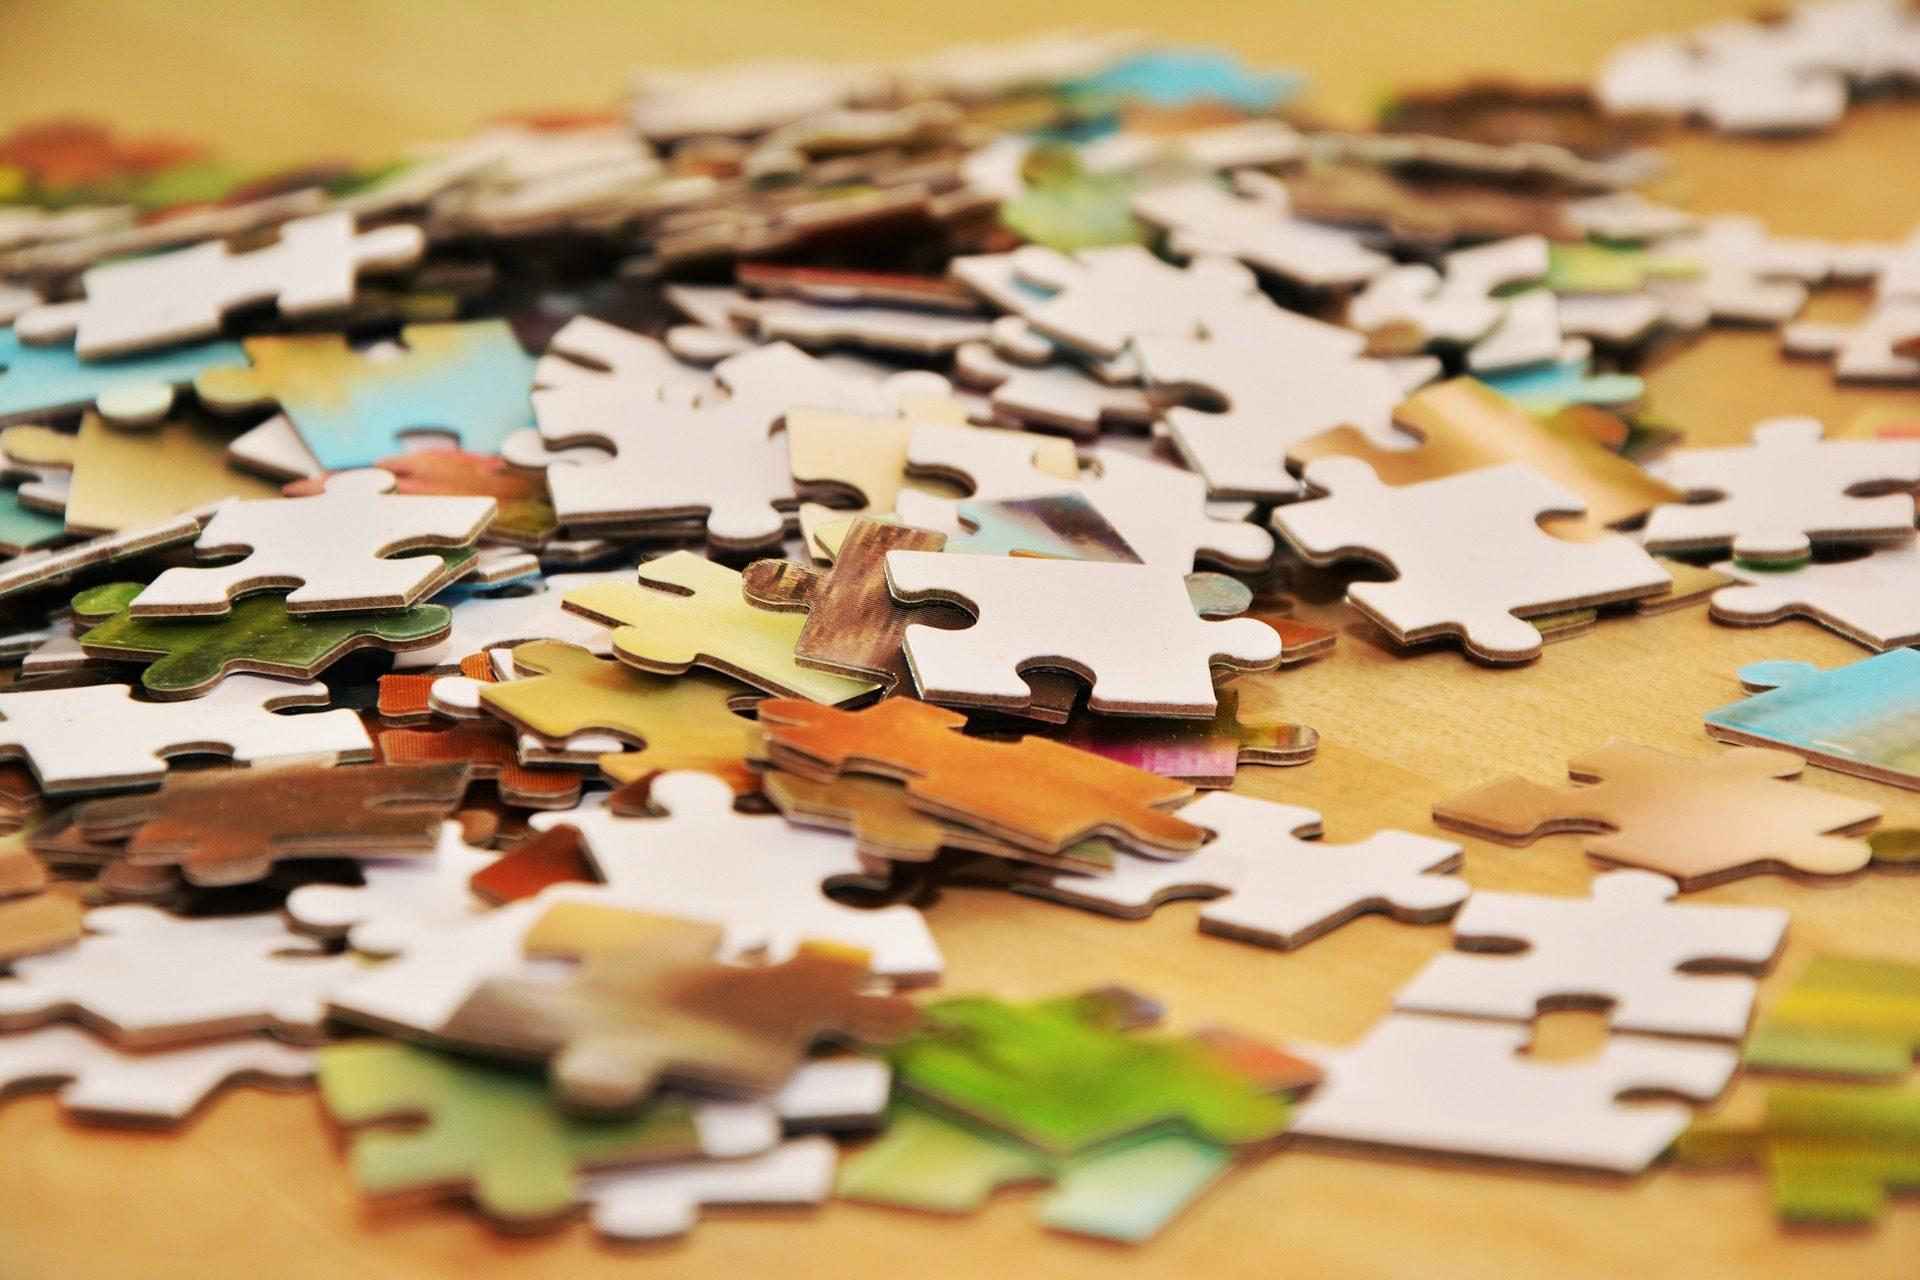 Puzzle, Teile, Spiel, Geschicklichkeit, Geduld - Wallpaper HD - Prof.-falken.com